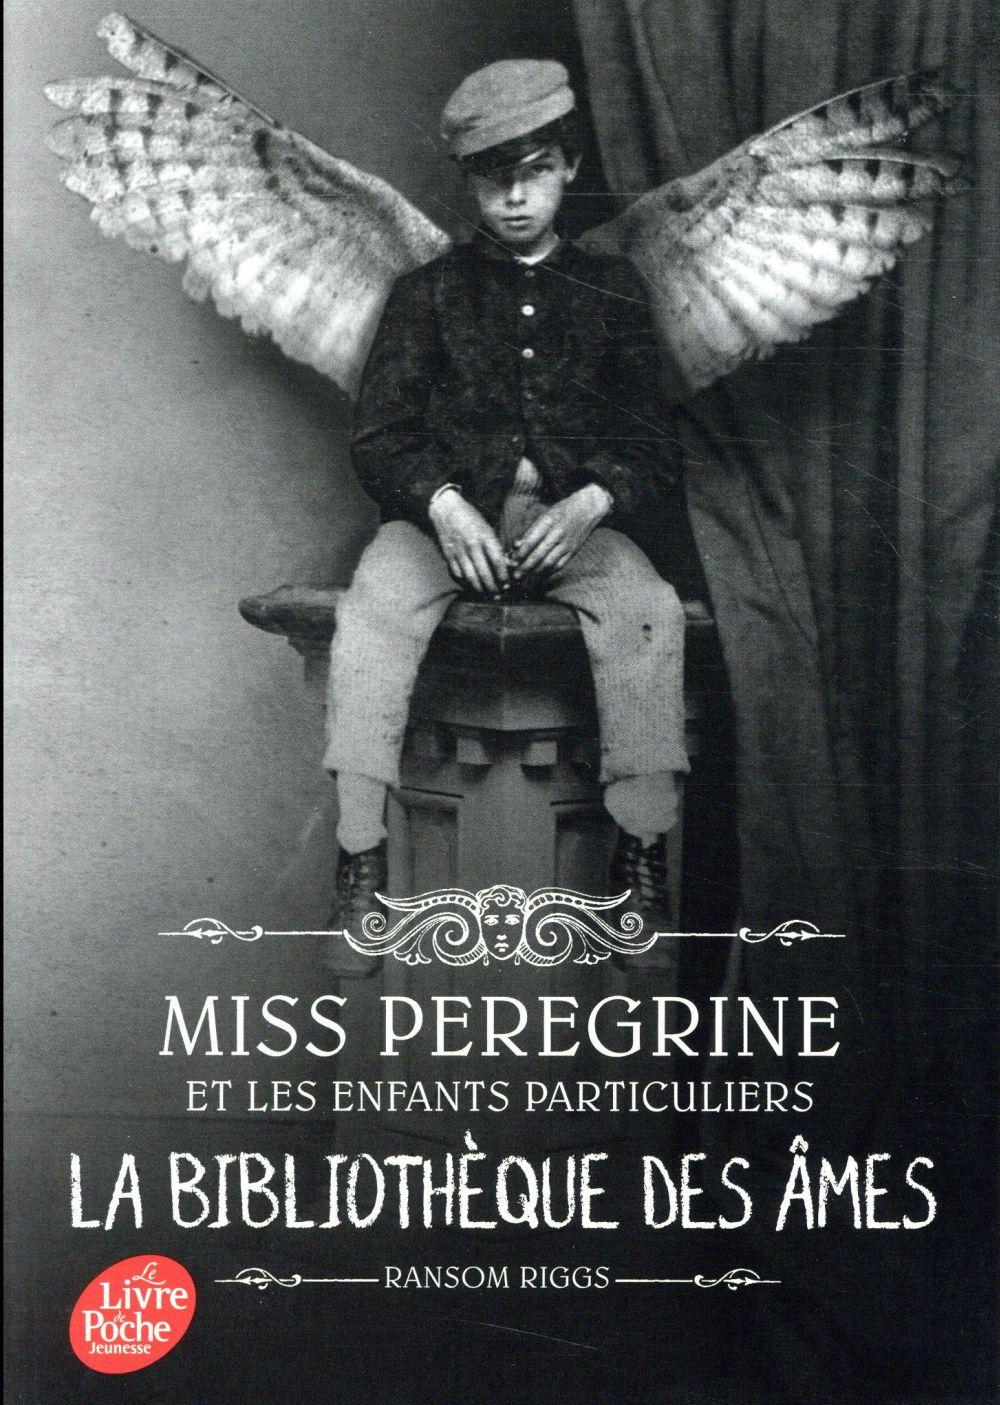 MISS PEREGRINE ET LES ENFANTS PARTICULIERS T.3  -  LA BIBLIOTHEQUE DES AMES RIGGS RANSOM Le Livre de poche jeunesse